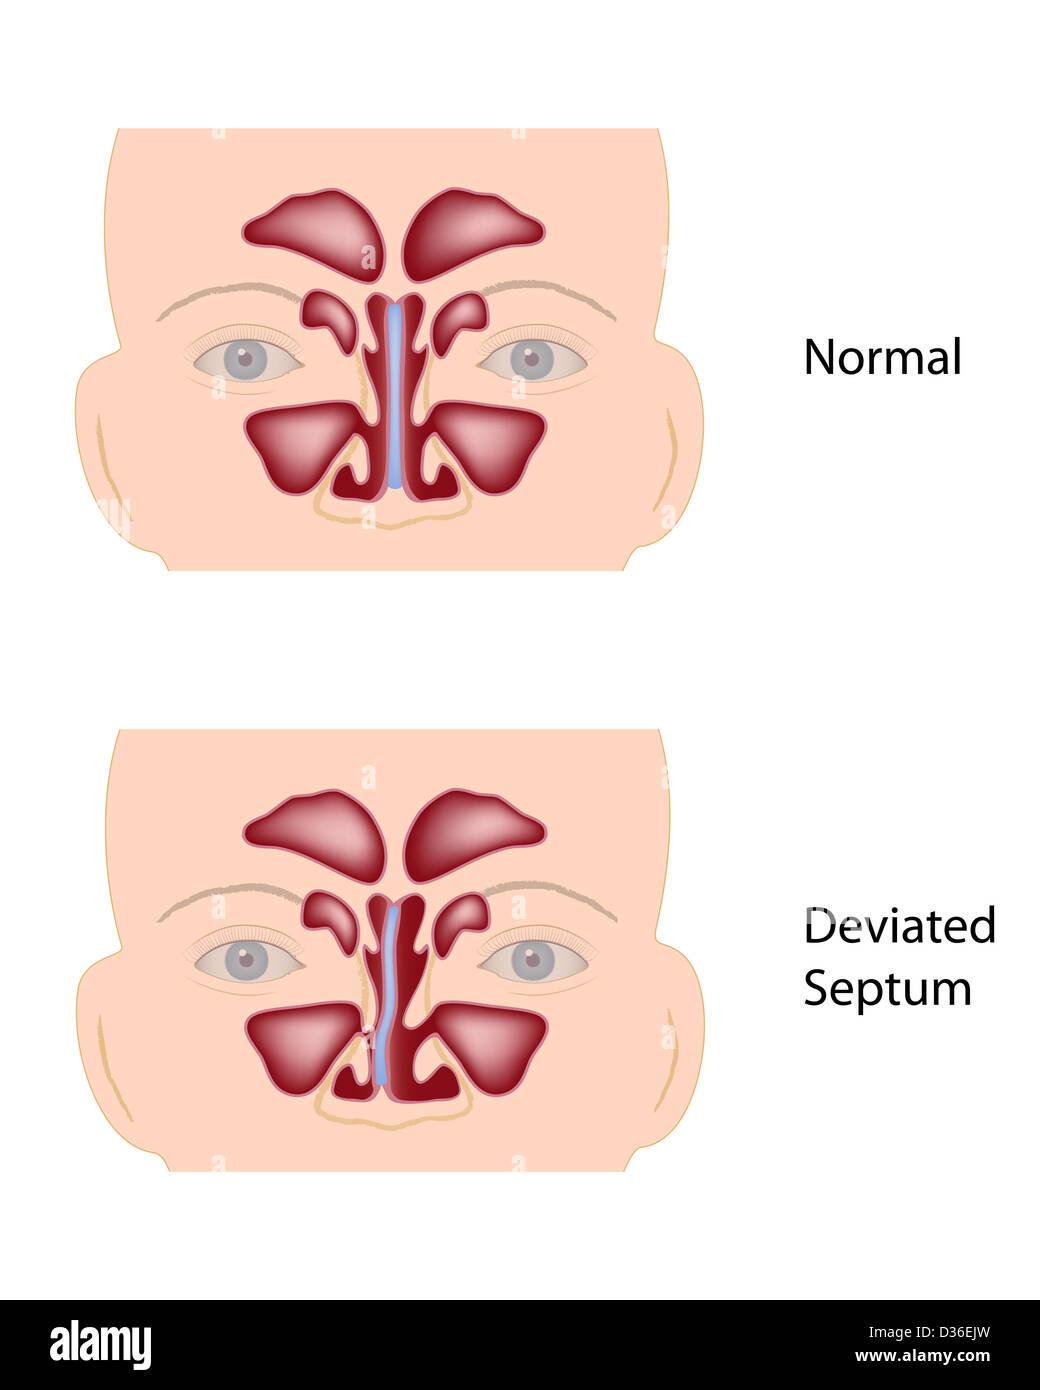 Nasal Septum Stock Photos & Nasal Septum Stock Images - Alamy